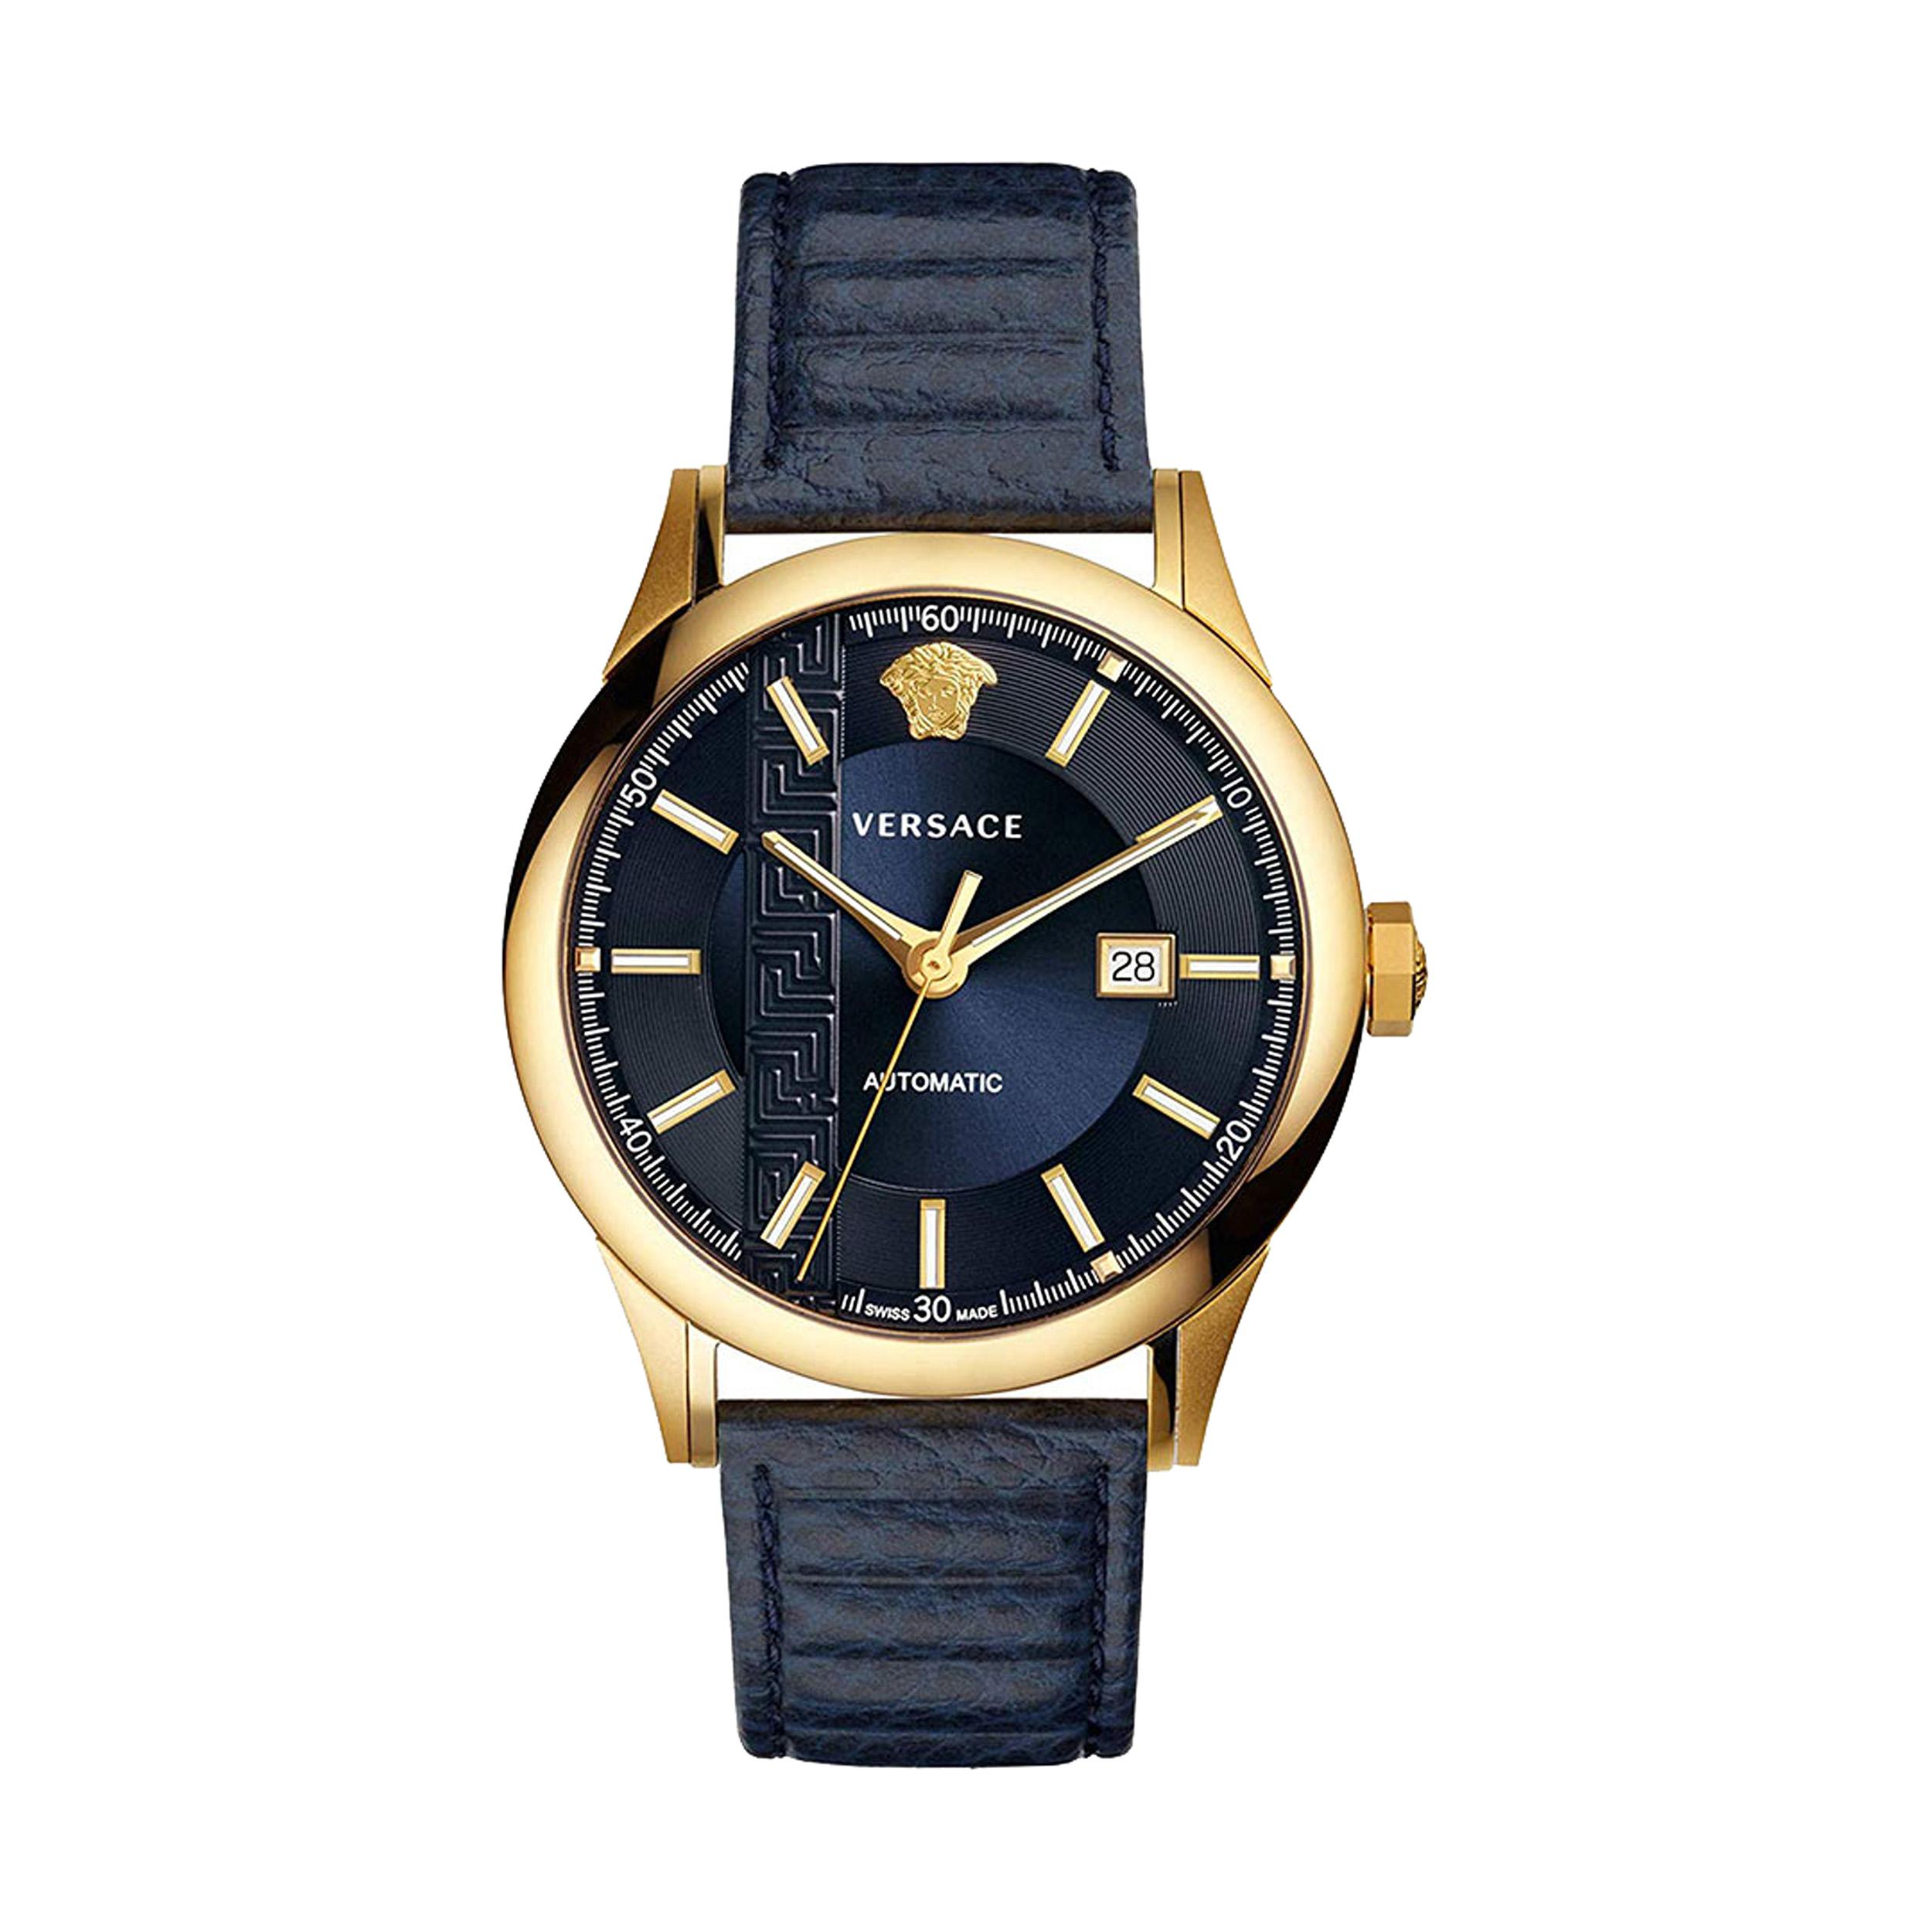 ساعت مچی عقربه ای مردانه ورساچه مدل V18020017 20